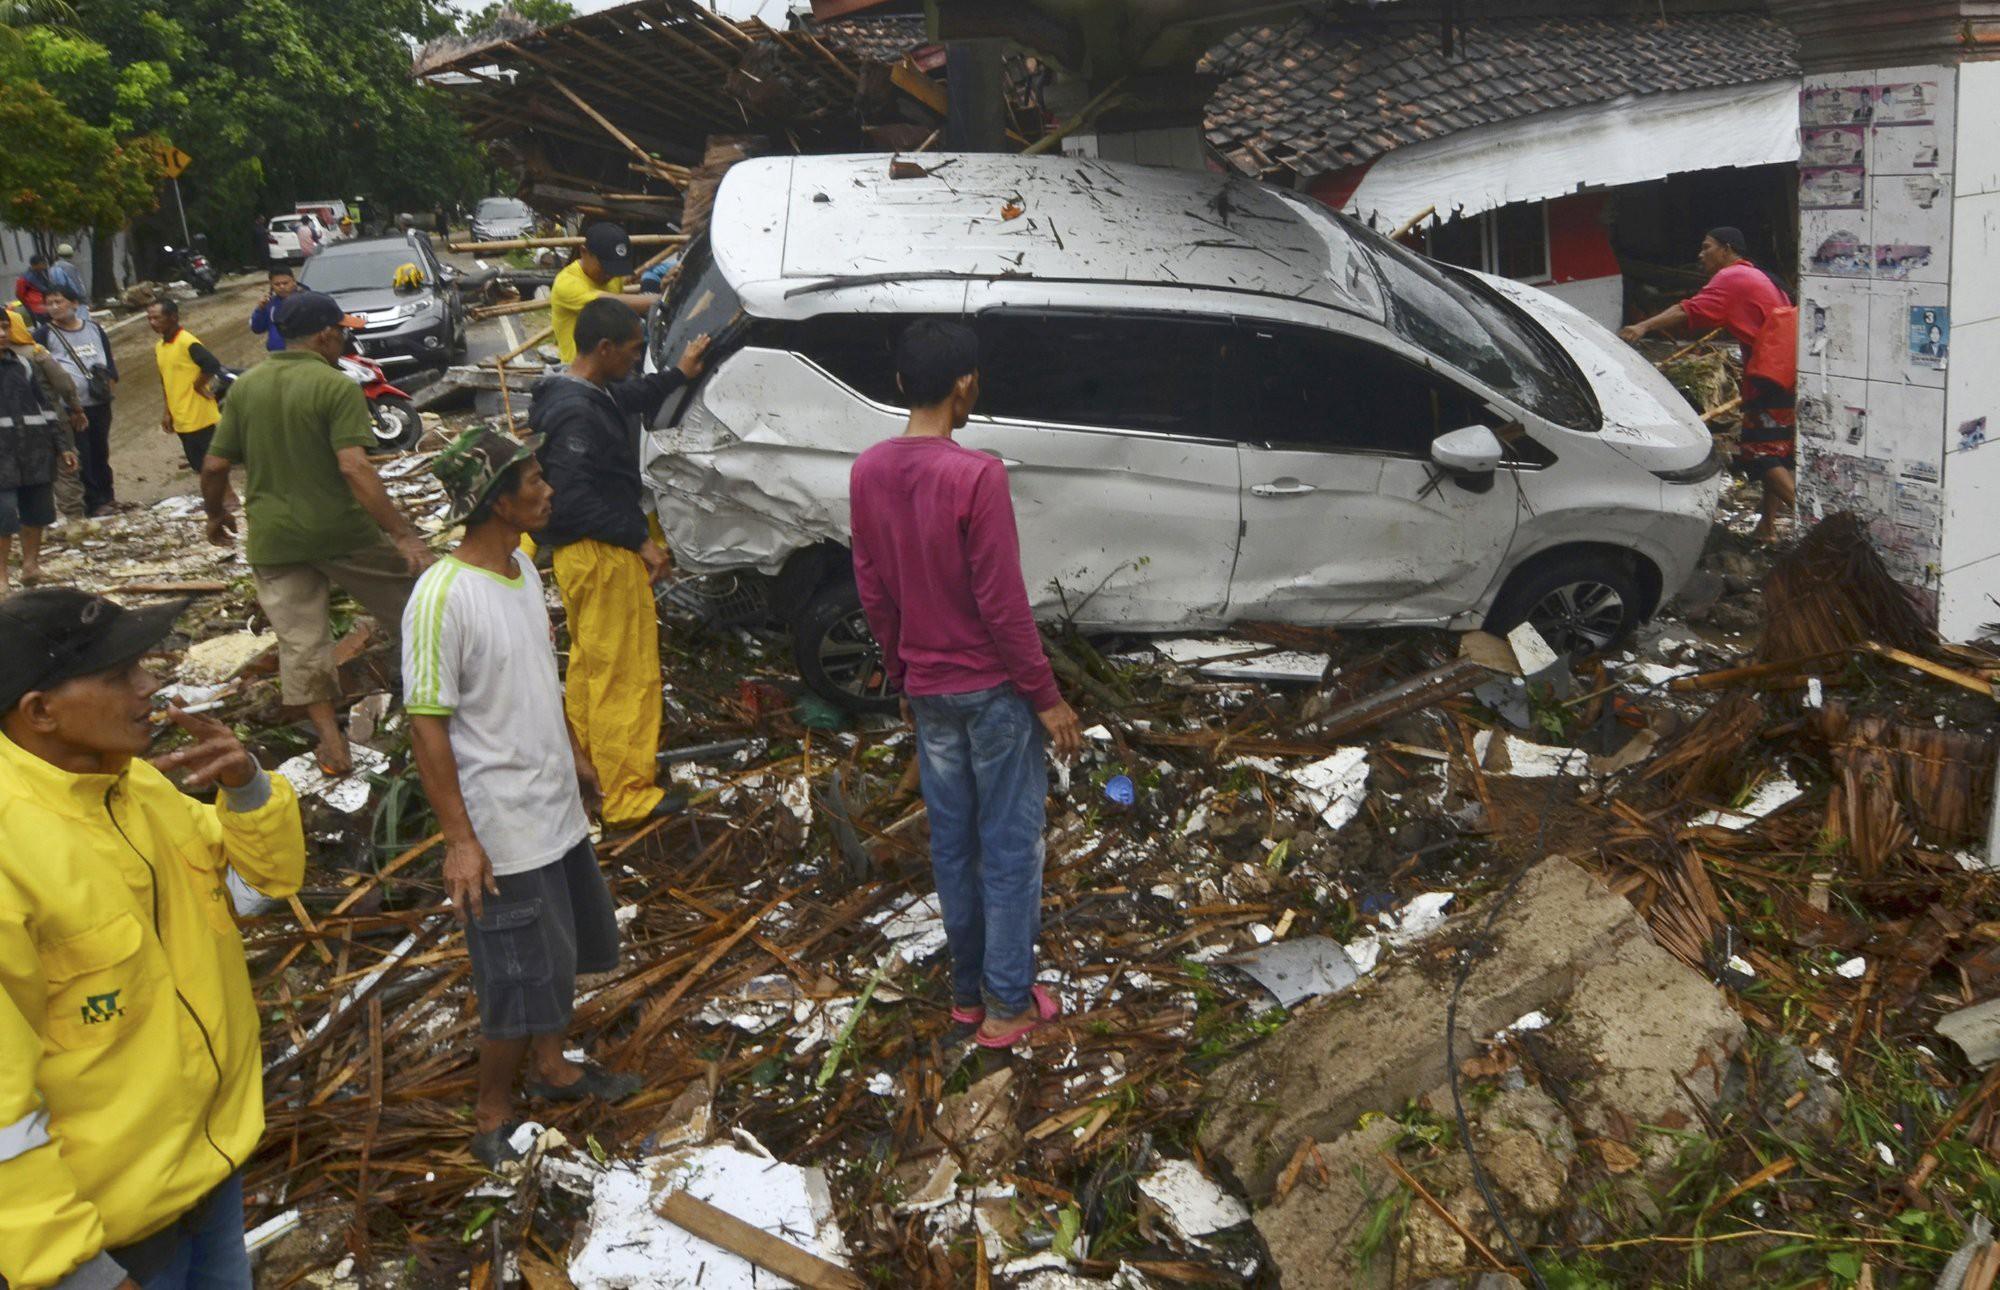 Indonesia một ngày chìm trong đau thương và nước mắt: Người dân đau đáu đi tìm người thân thích - Ảnh 5.